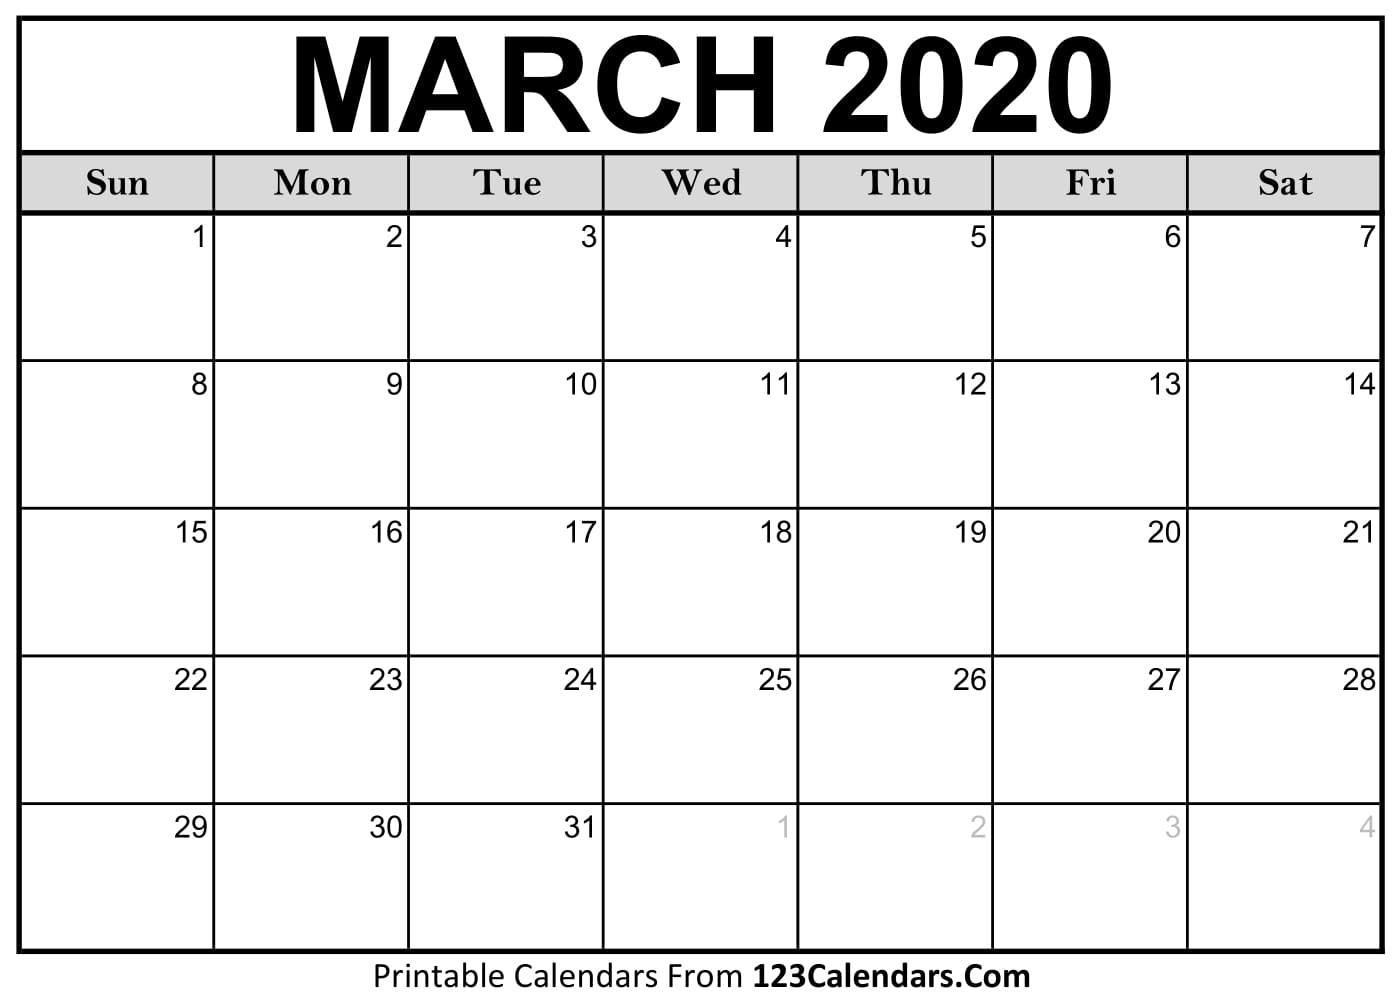 March 2020 Printable Calendar | 123Calendars with regard to Printable Calendars From 123Calendars